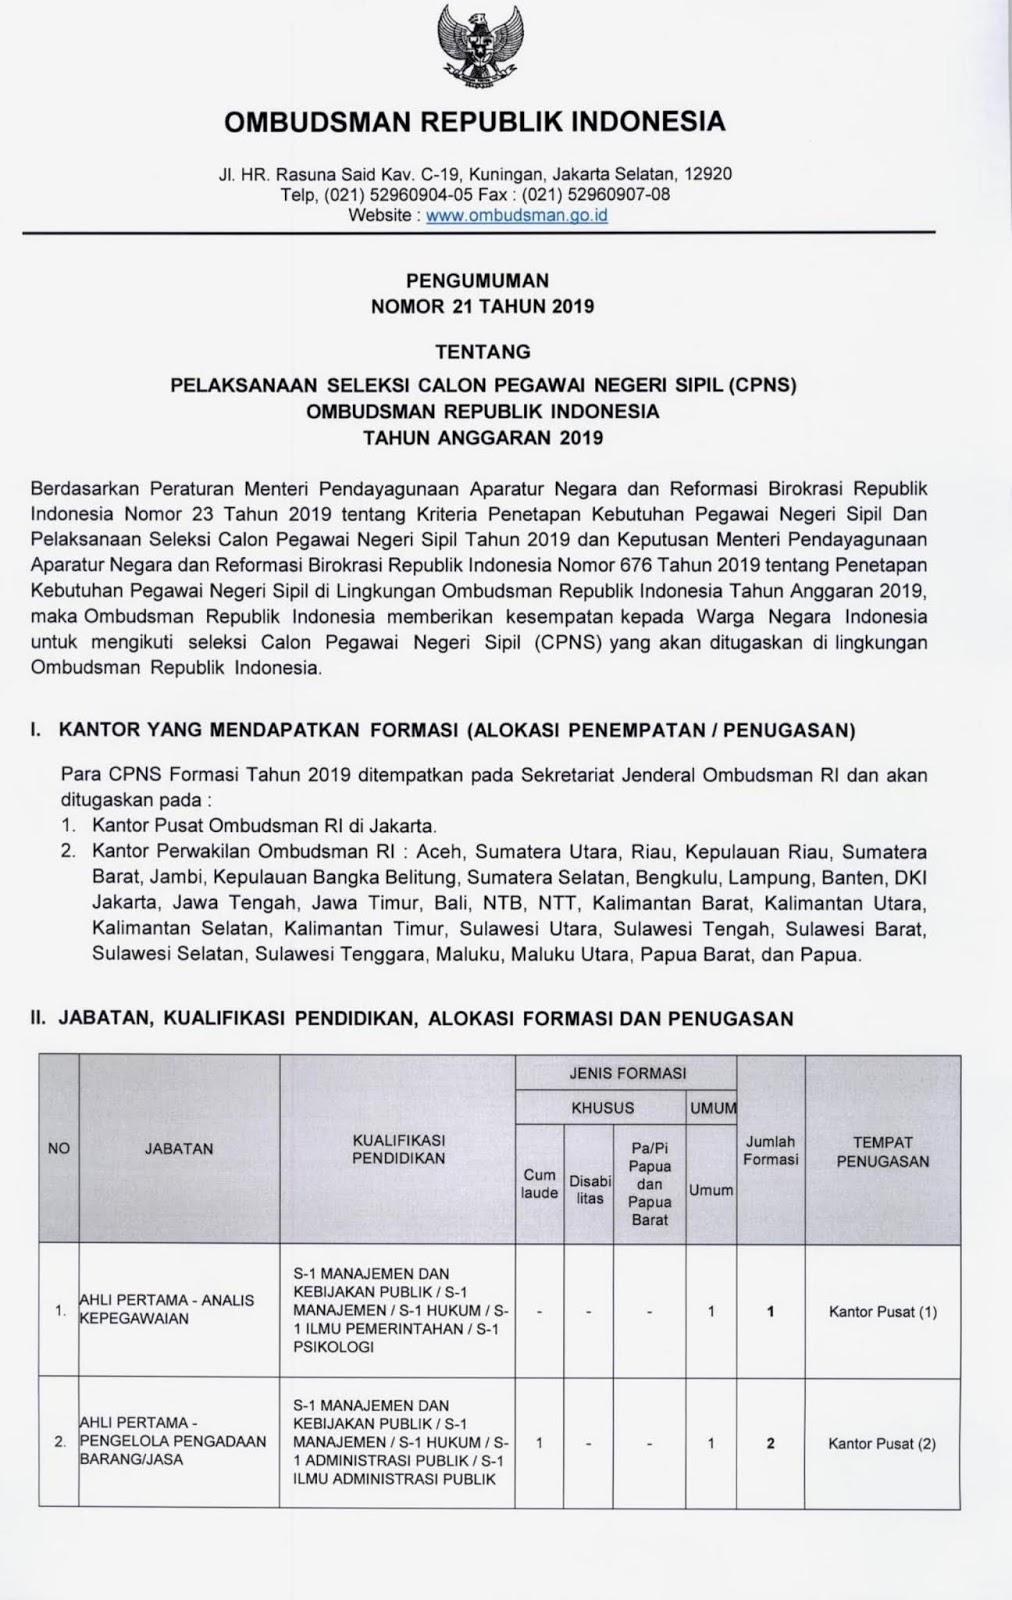 Penerimaan CPNS OMBUDSMAN Republik Indonesia Tahun Anggaran 2019 [91 Formasi]